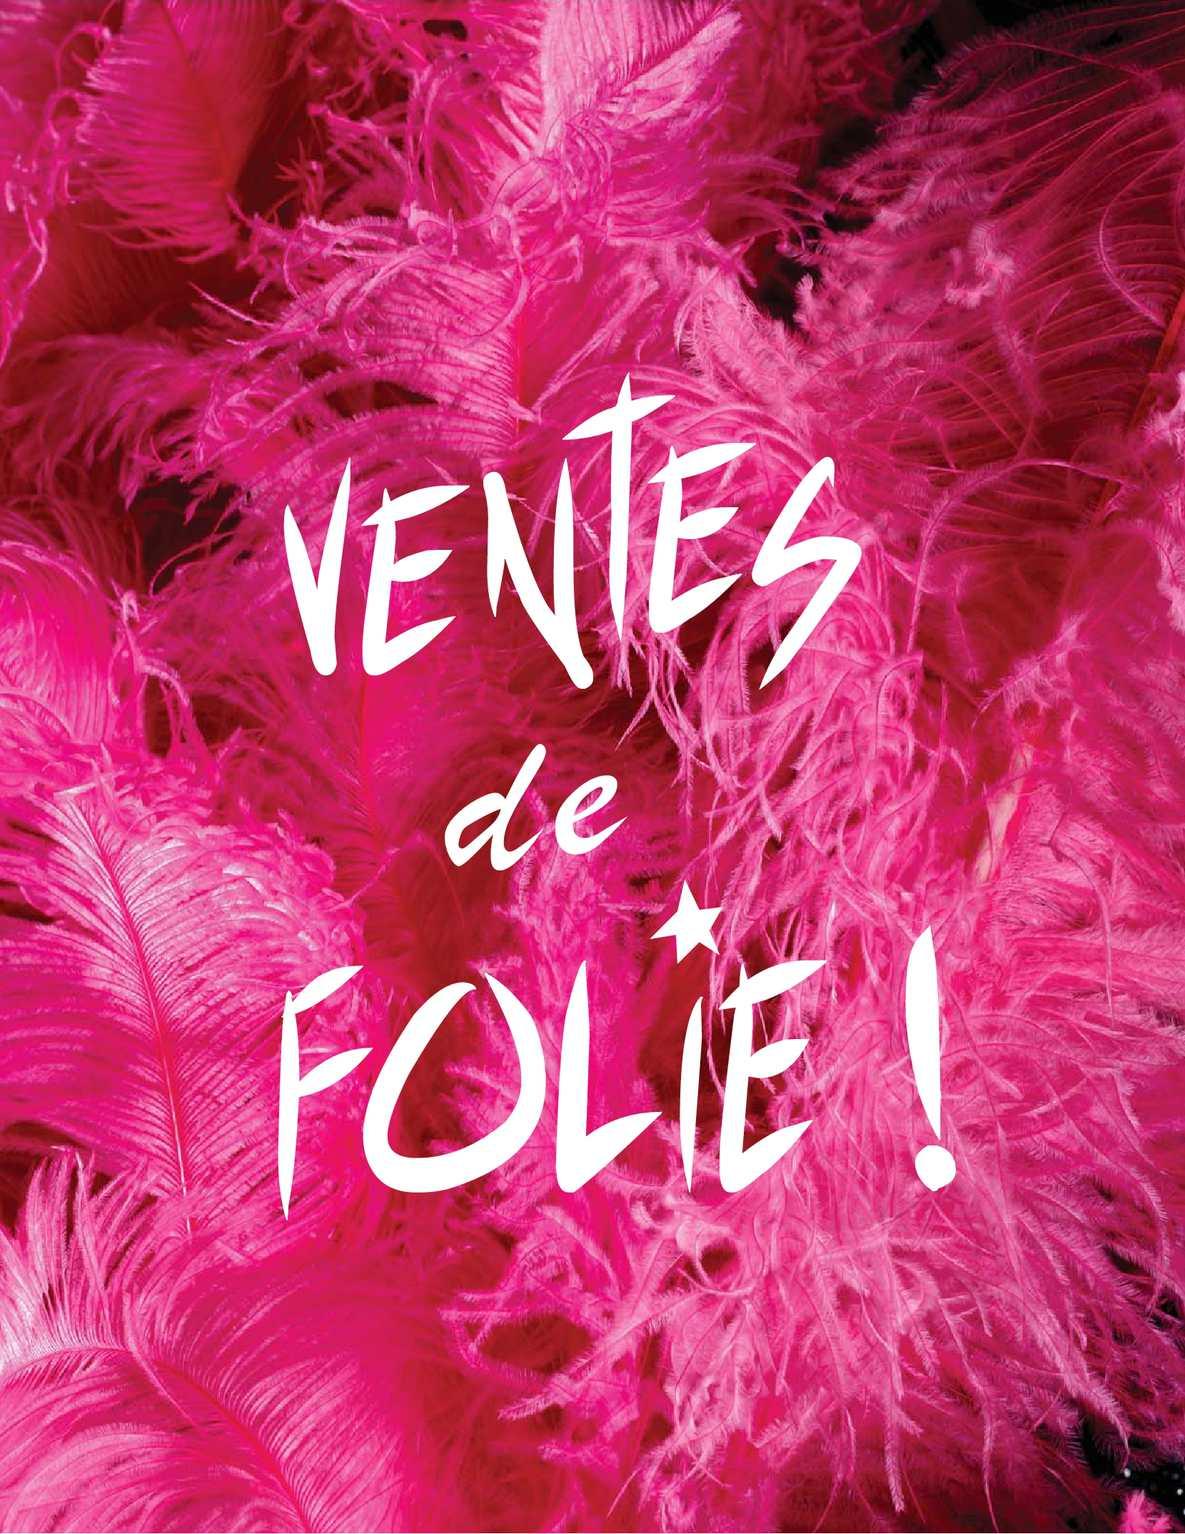 Calaméo Ventes Palais De 2012 Du Au 10 Bourse 8 La Juin Folie 13lcJFTK